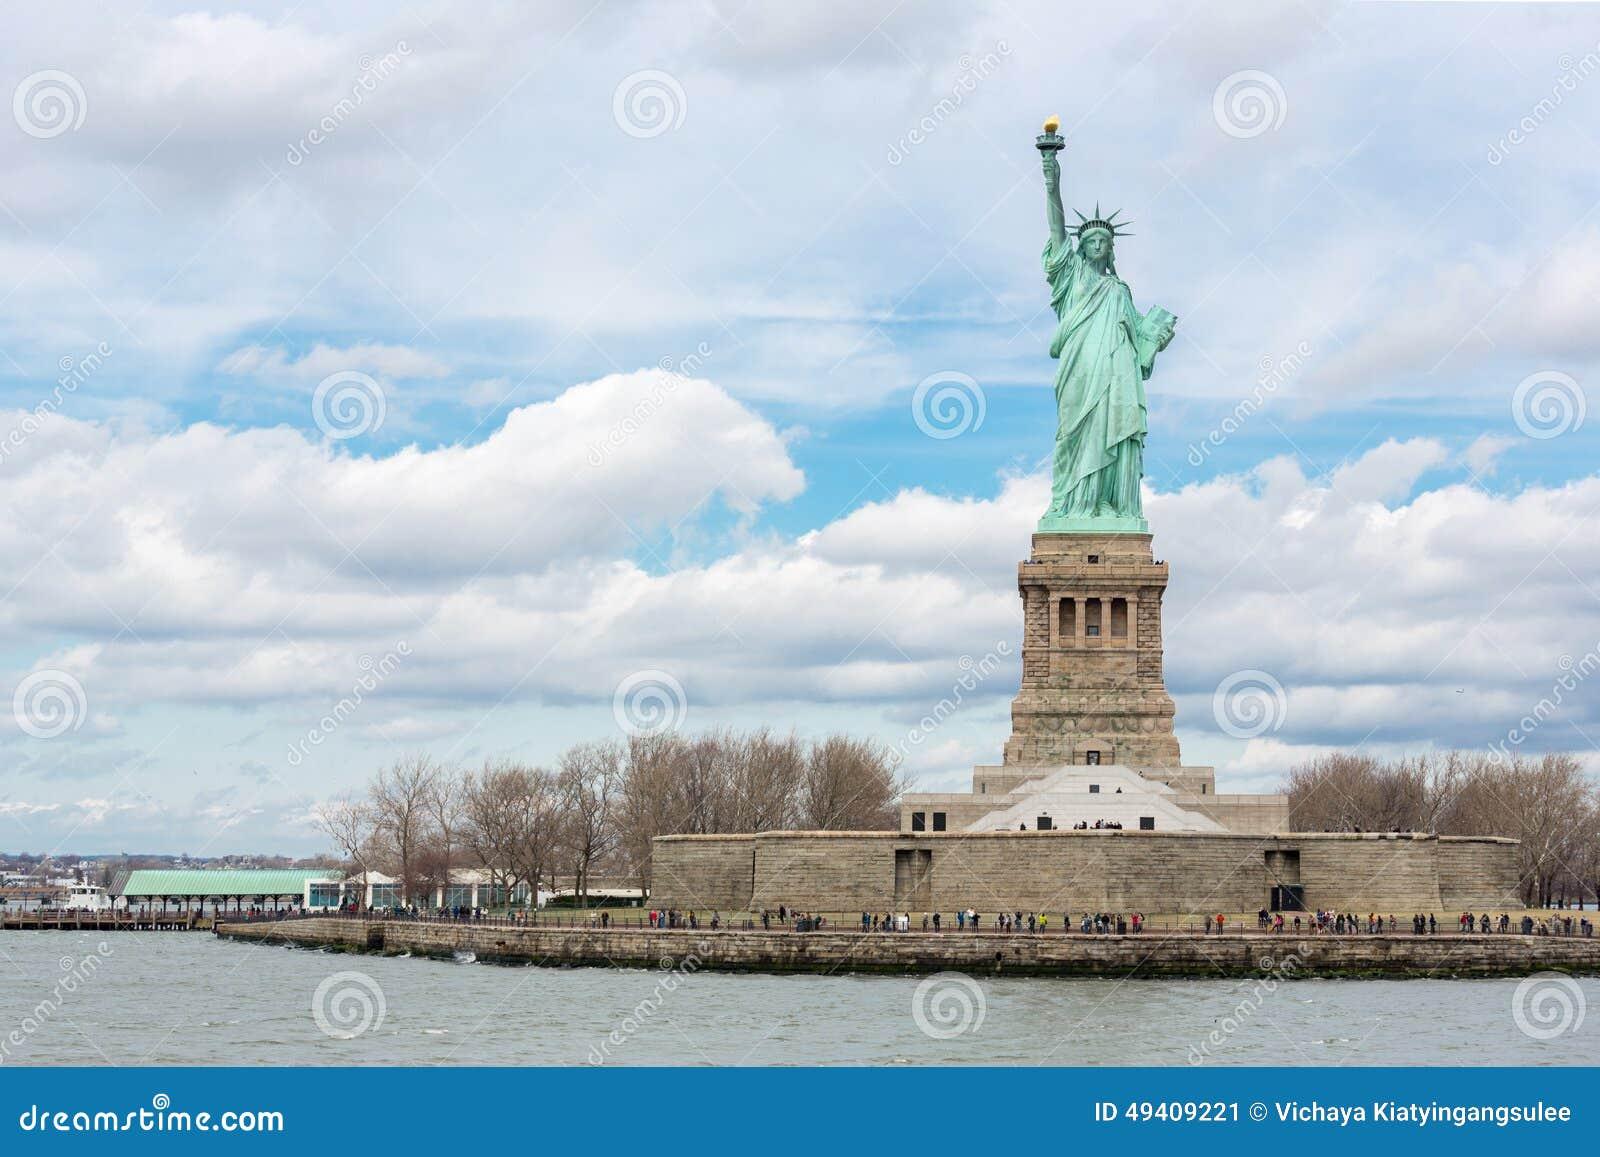 Download Das Freiheitsstatue stockbild. Bild von statue, kupfer - 49409221